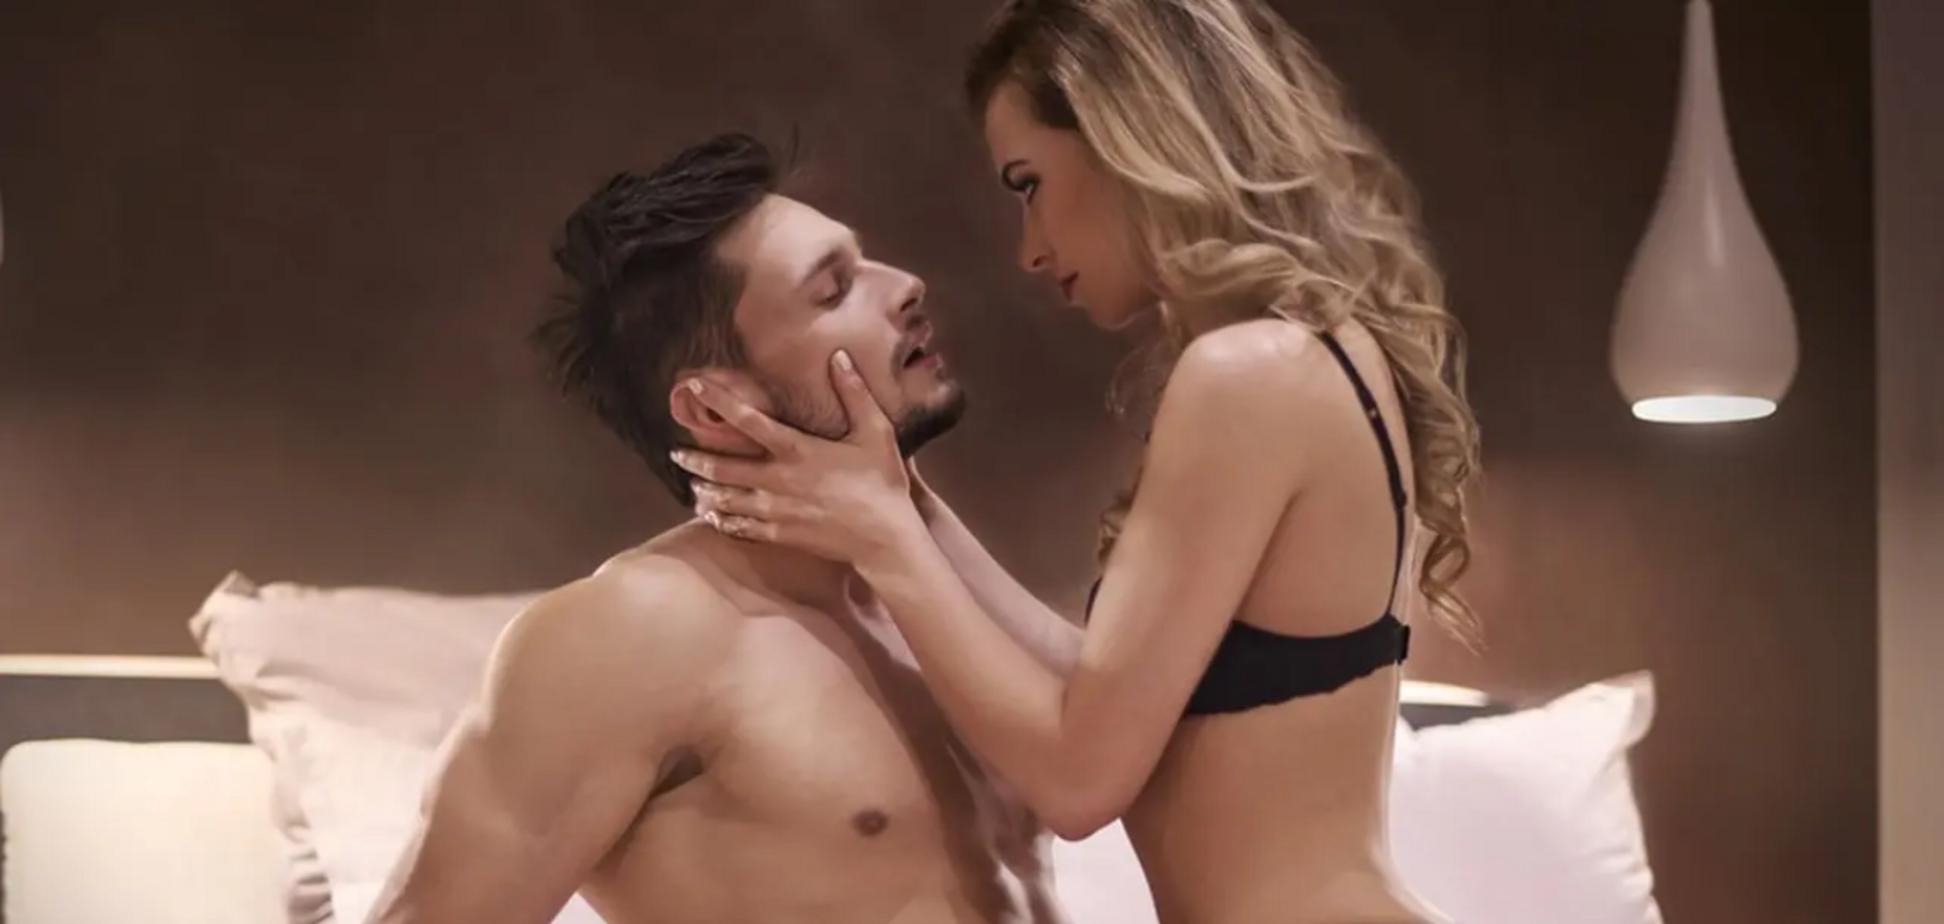 Що приховує порноіндустрія: розкрито 'темні' секрети